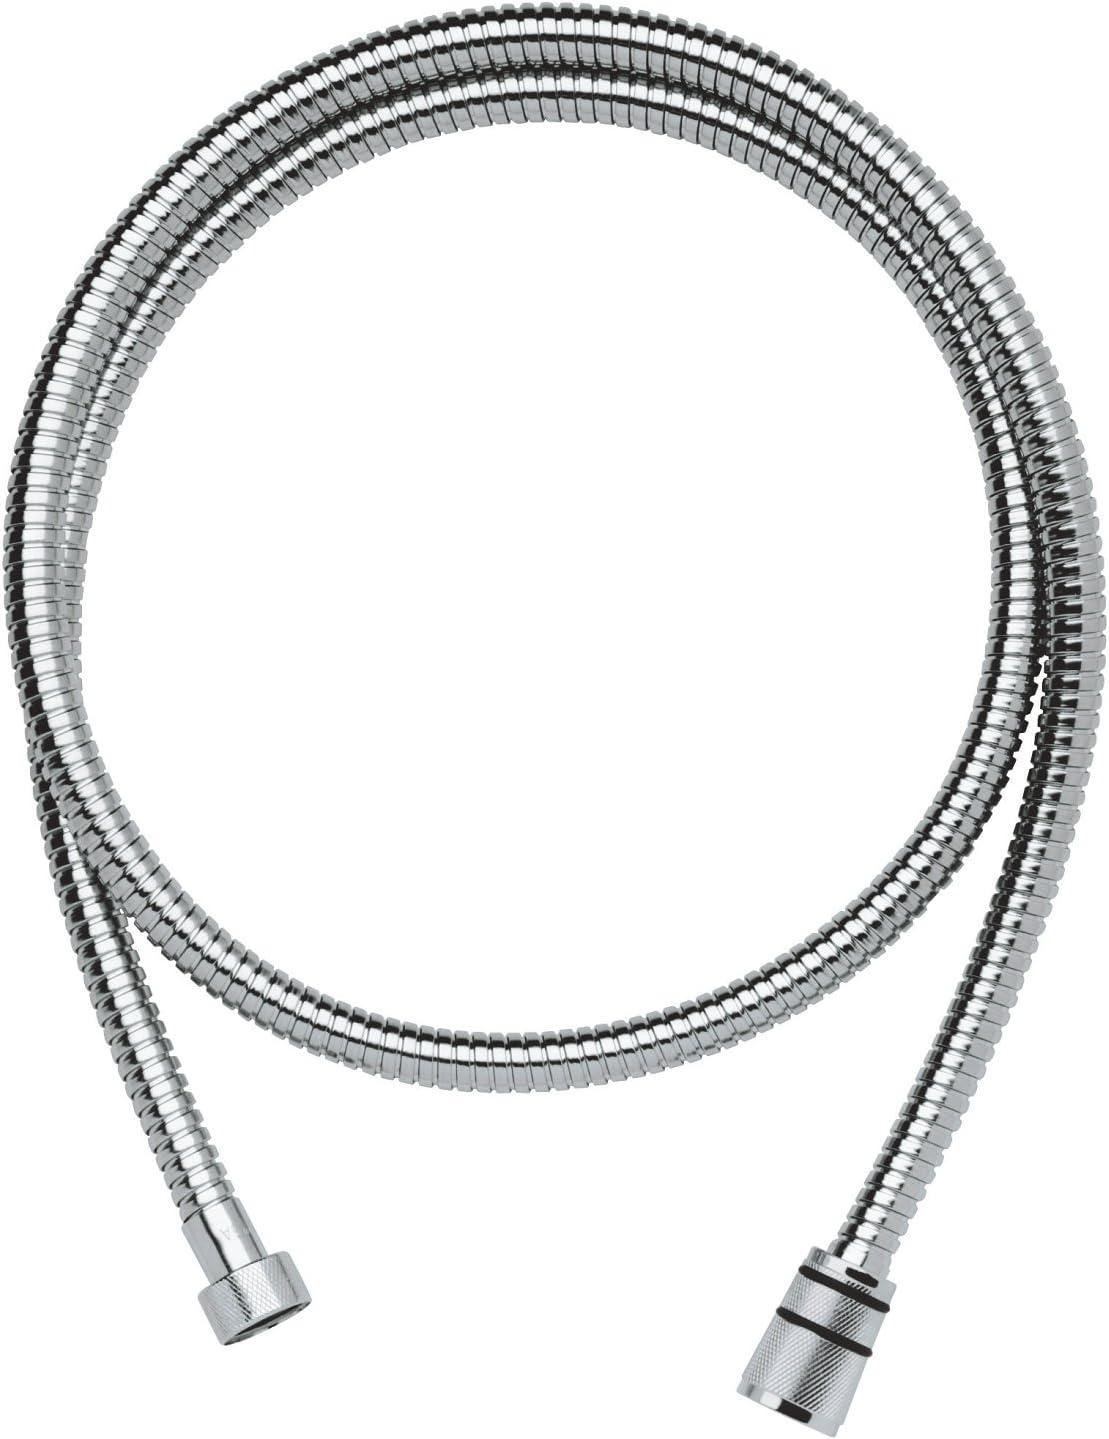 Grohe Rotaflex - Flexo de teleducha de metal con pieza de unión giratoria para la función TwistFree, 1500mm (Ref. 28417000)